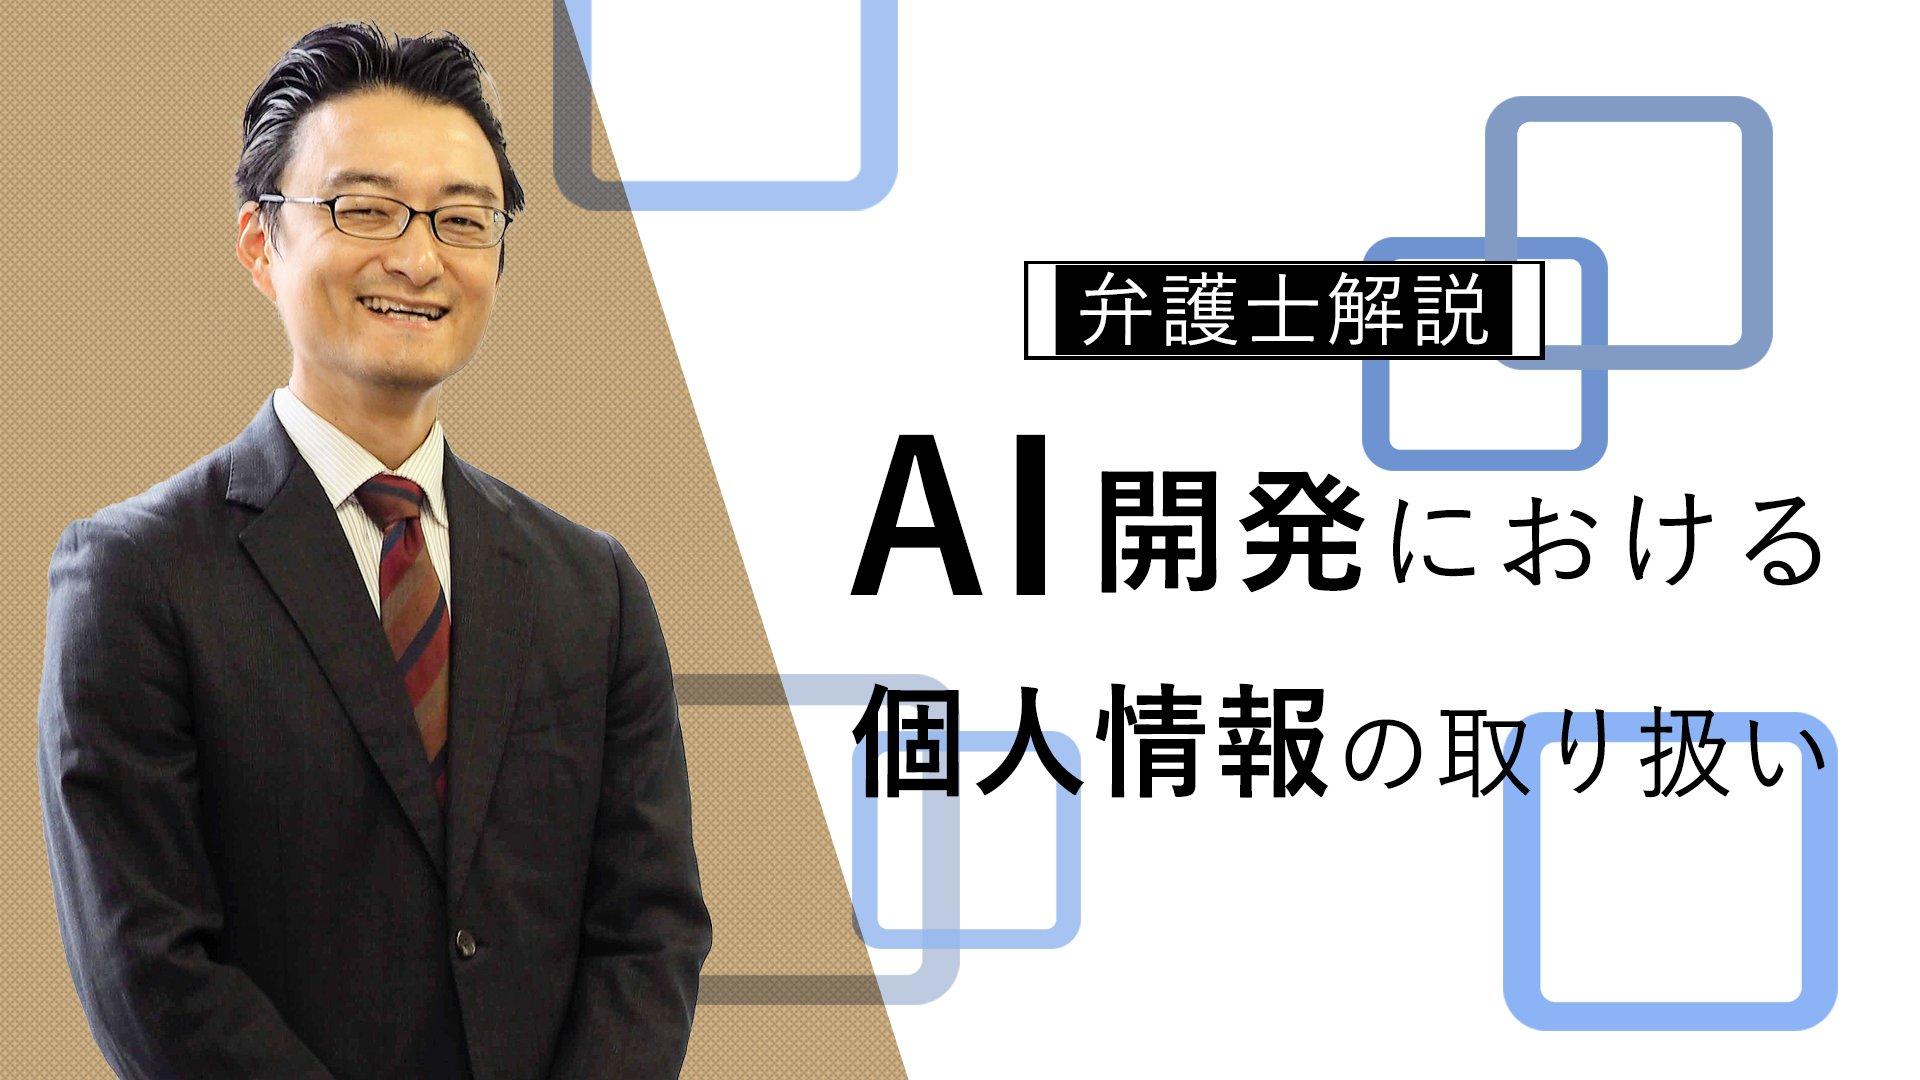 【弁護士解説】AI開発における個人情報の取り扱い